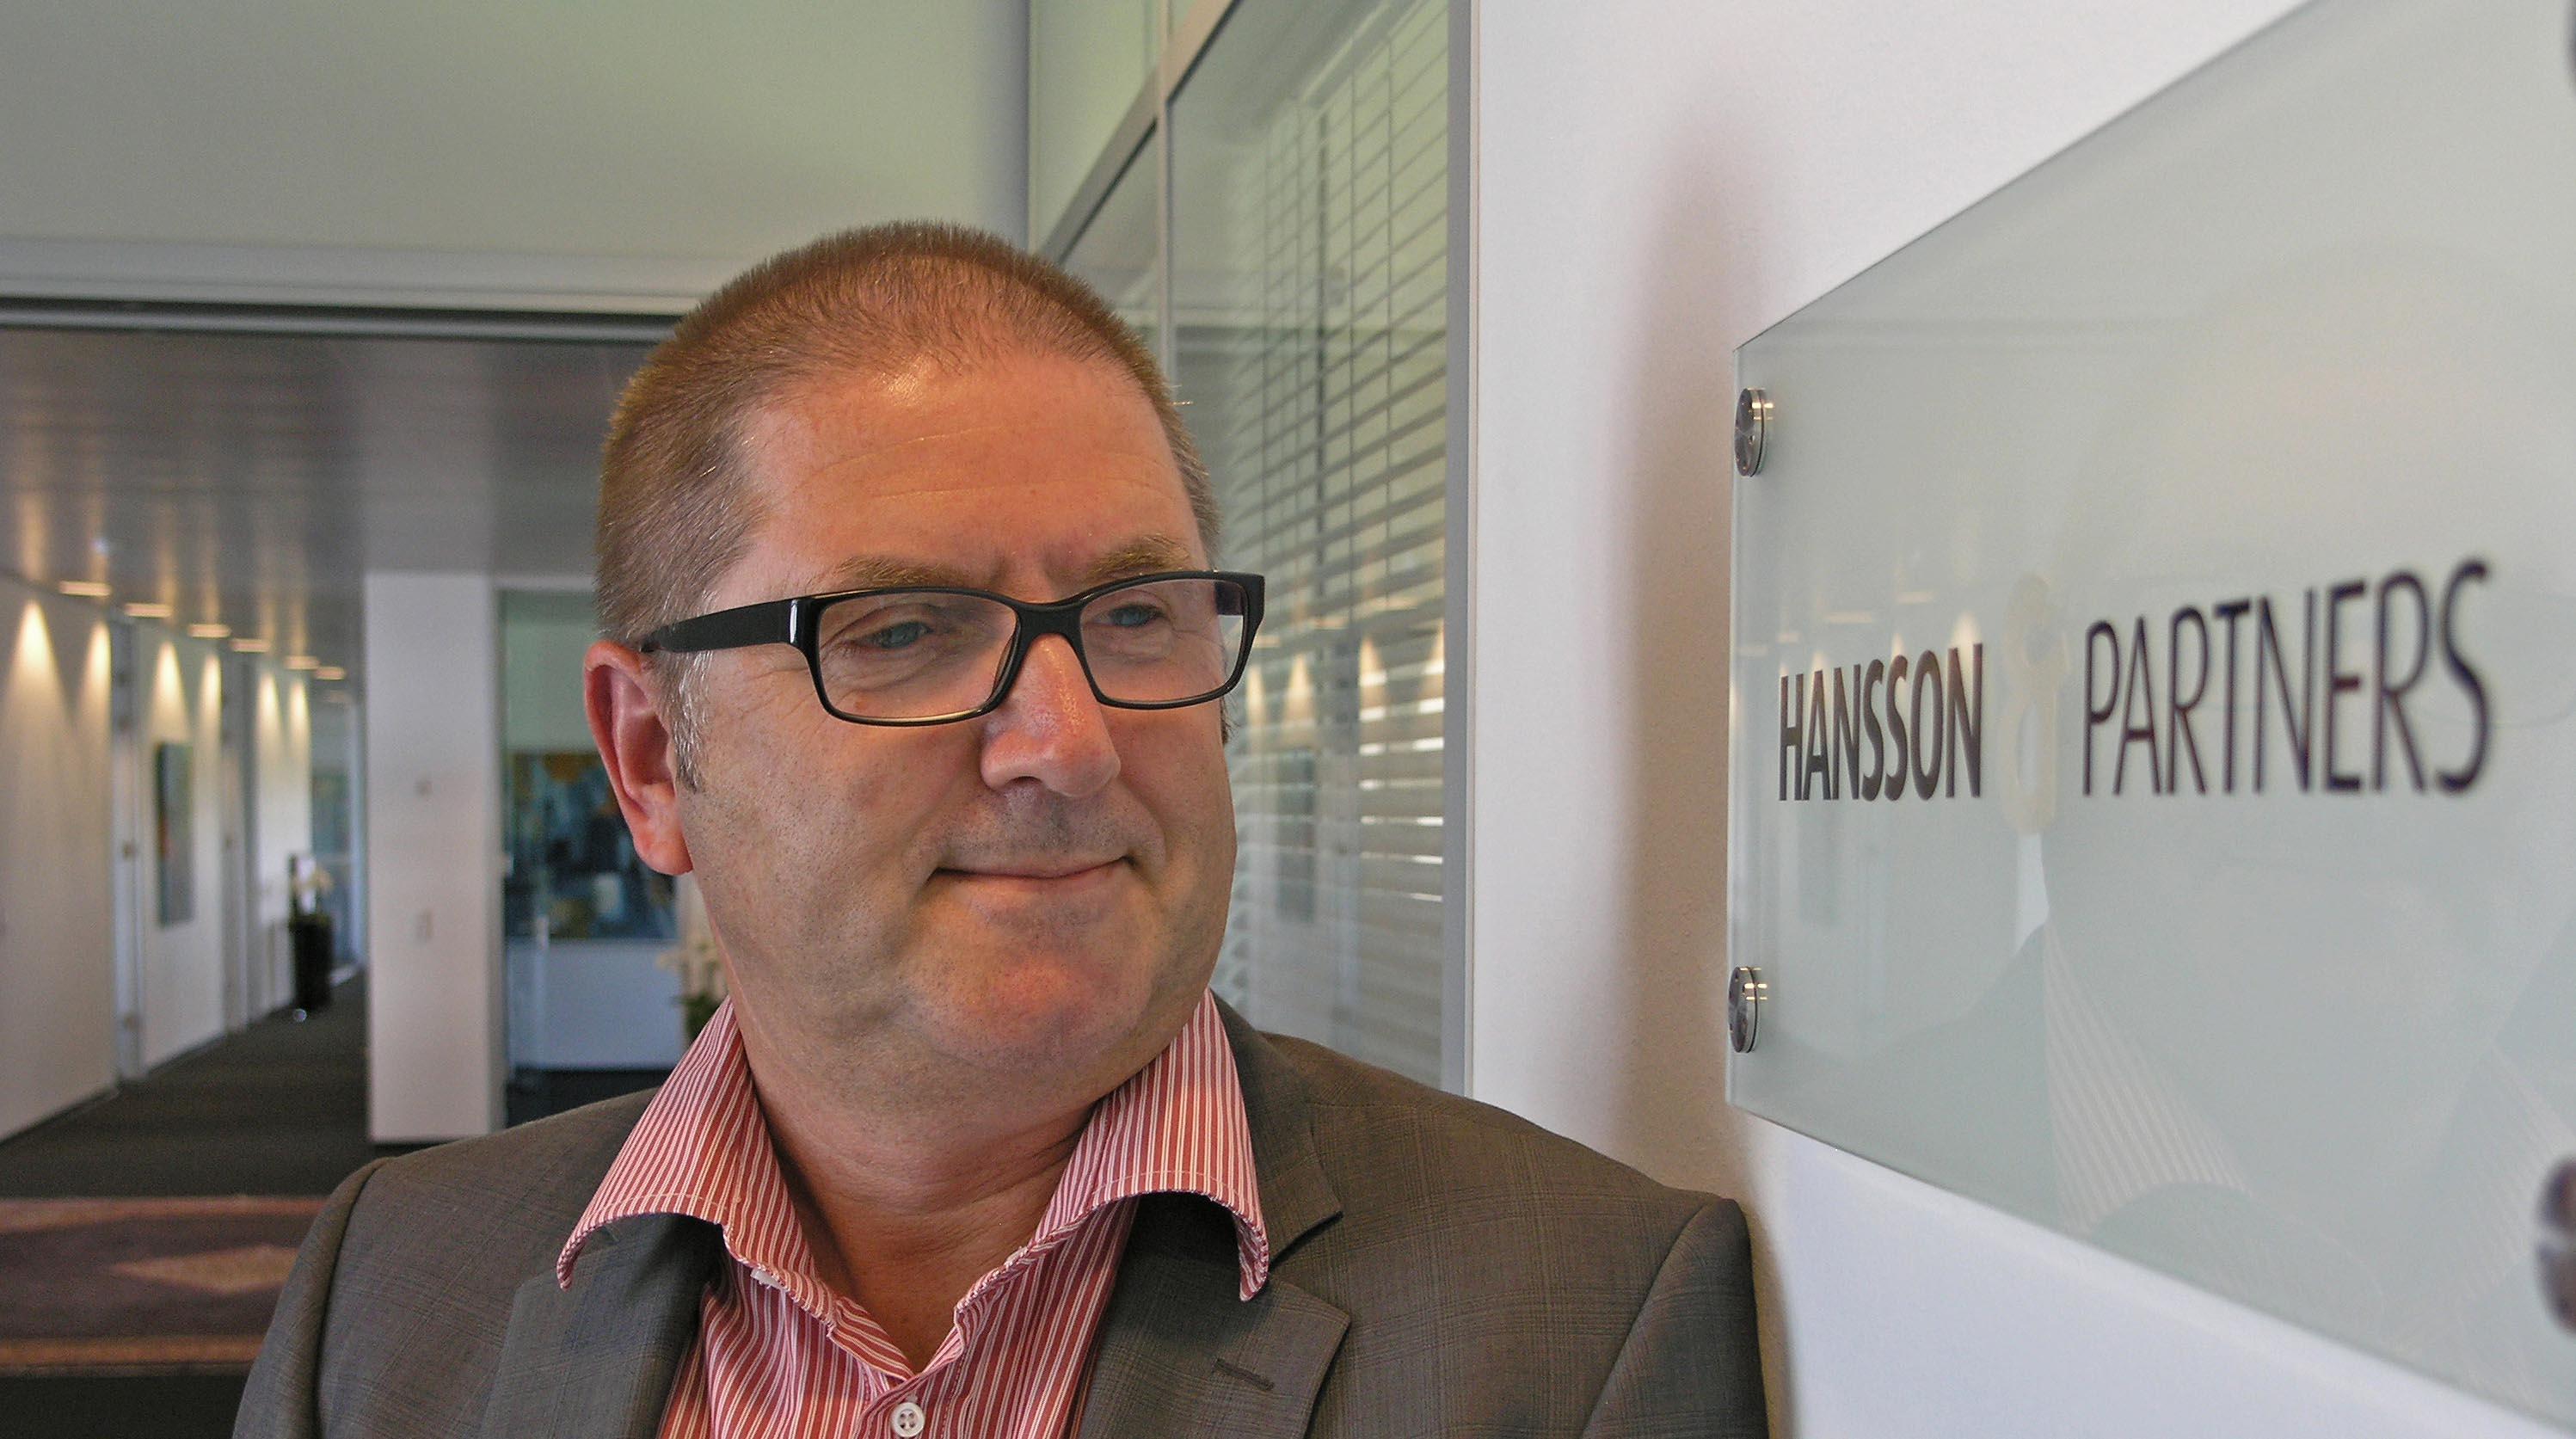 Klaus Hansson